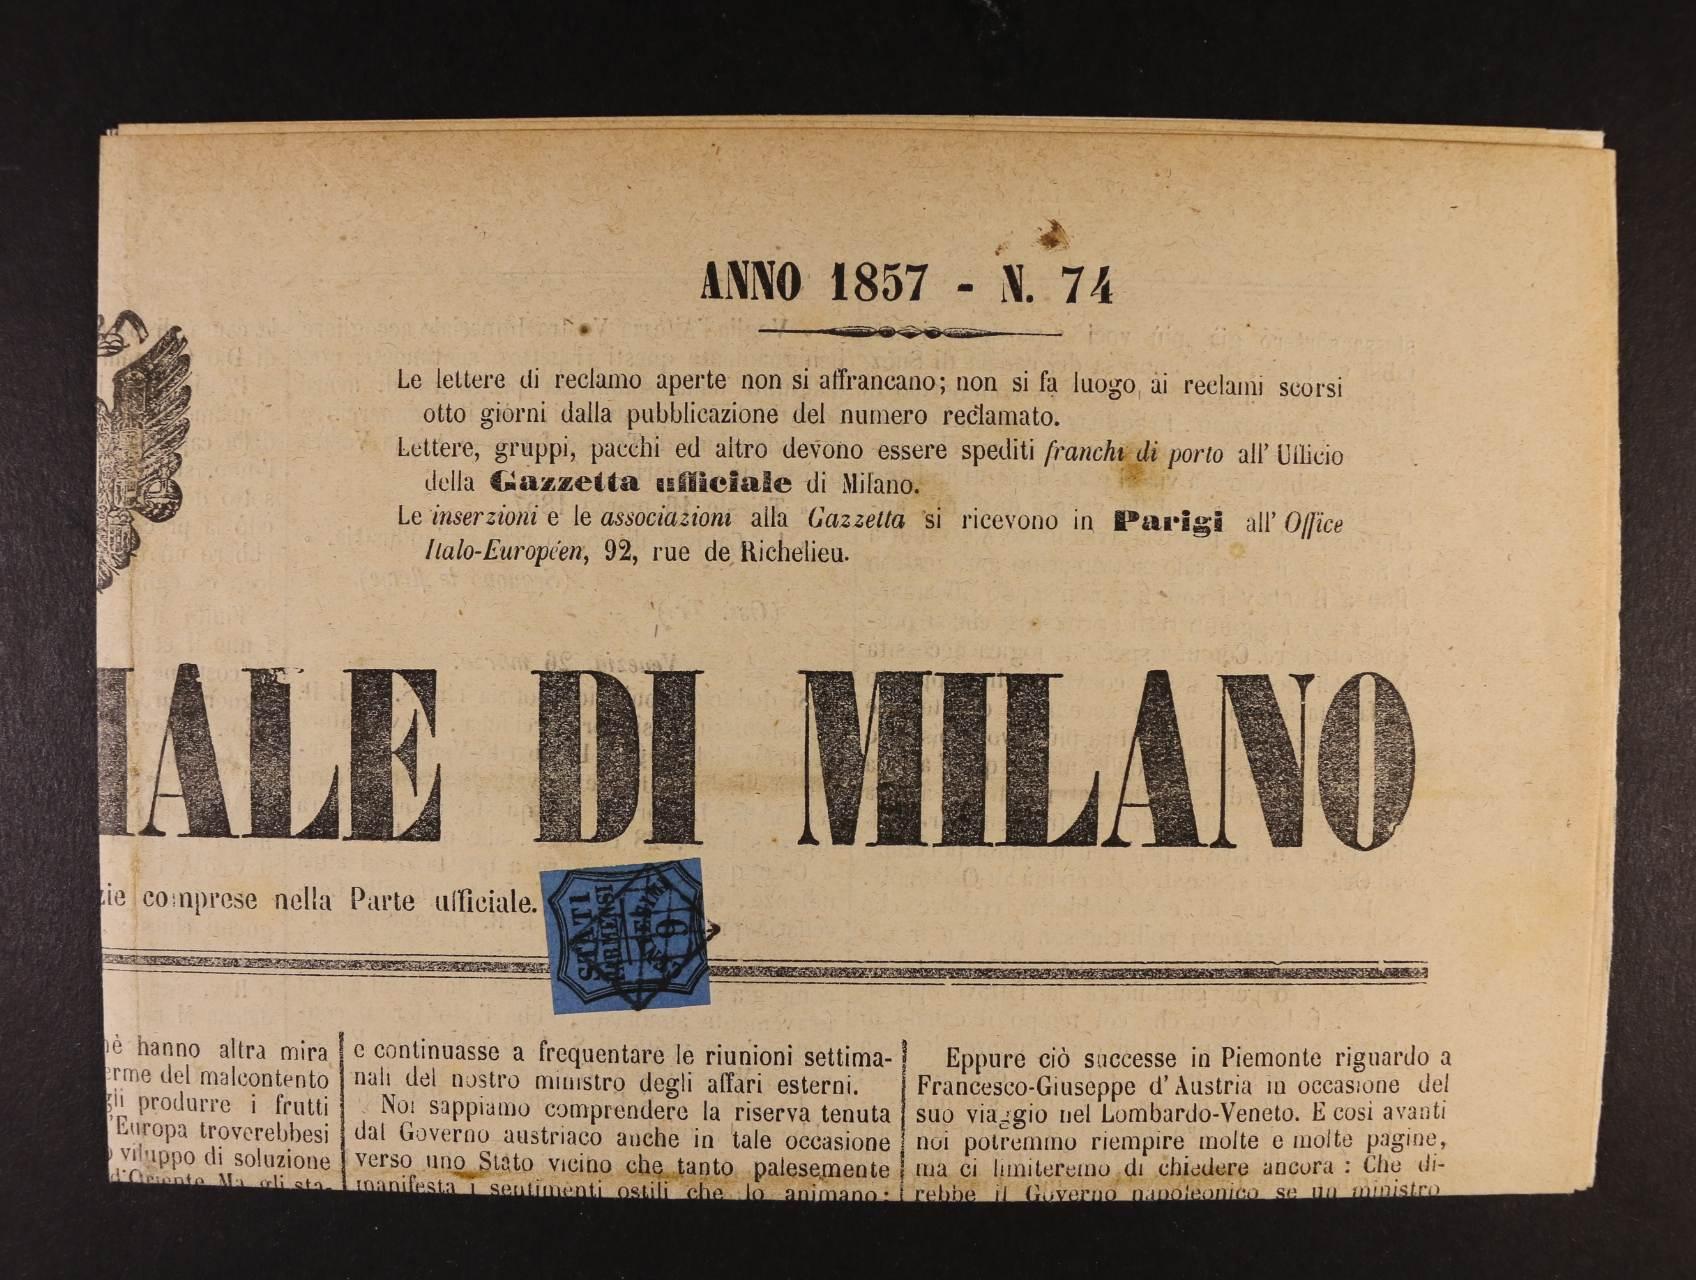 Parma - noviny GAZZETTA UFFICIALE DI MILANO z 27. března 1857 frank. novinovou zn. Mi. č. 1, Sass. č. 2, atest Sorani, velmi zajímavé, vzácné, kat. cena raz. zn. 20000 EUR